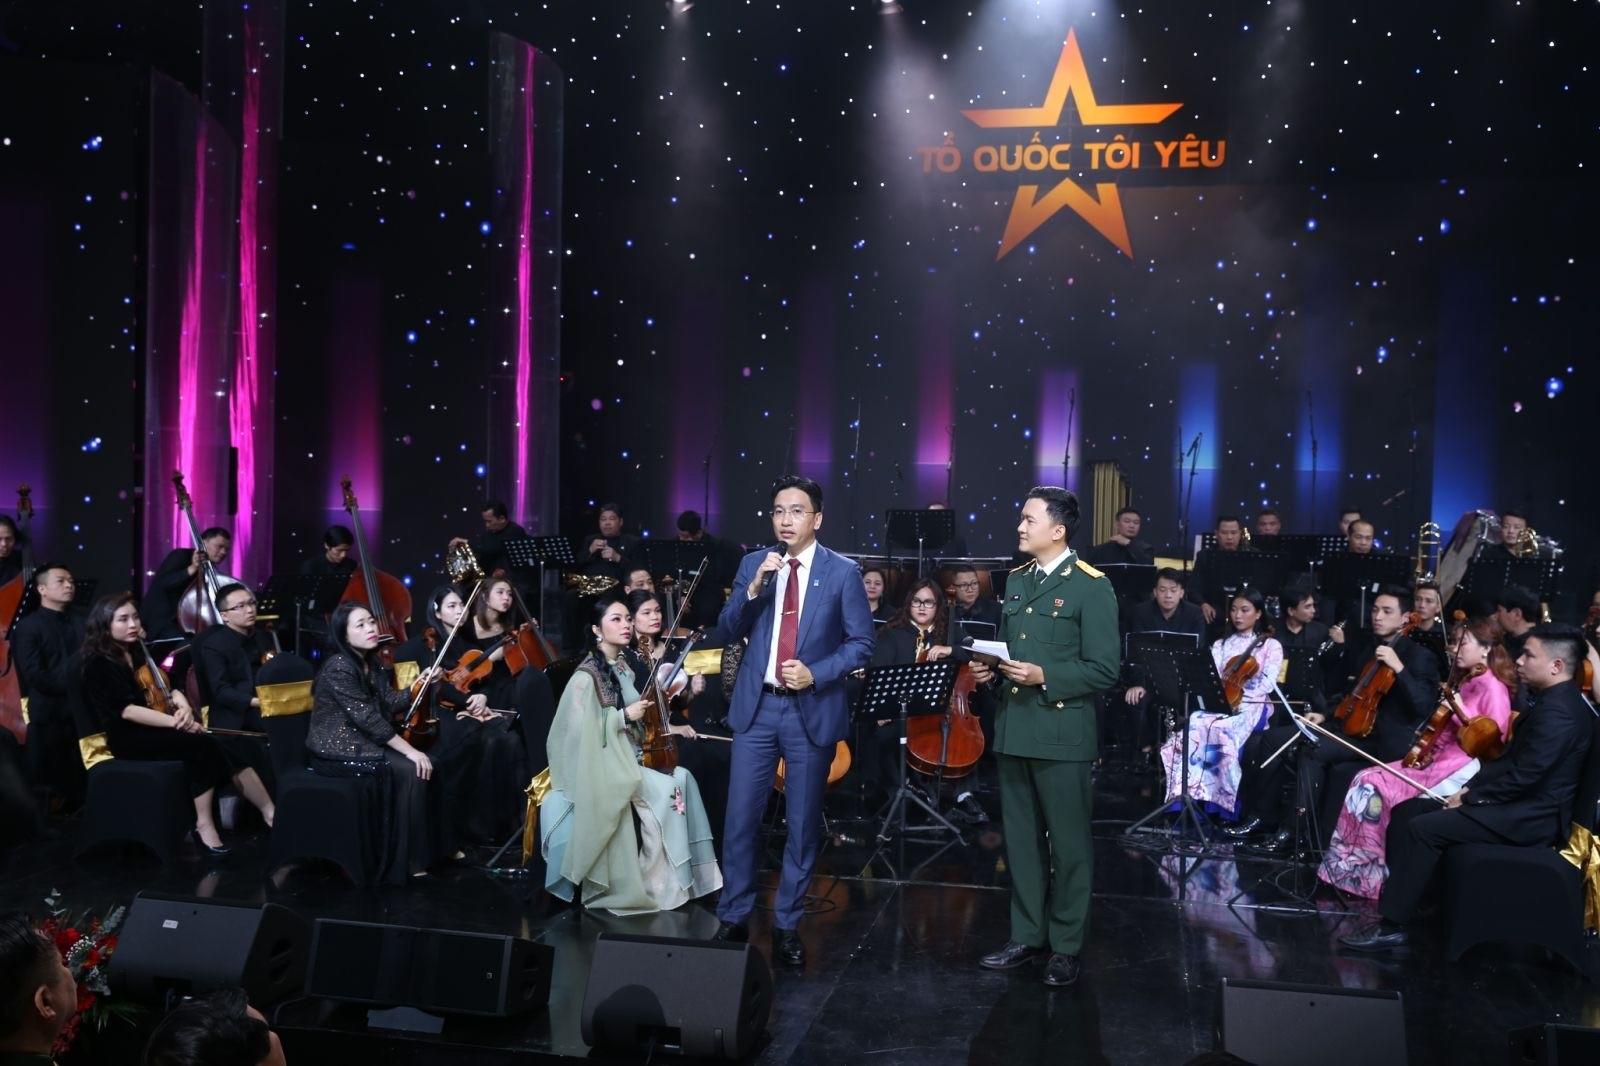 PTGĐ PV GAS Nguyễn Thanh Bình giao lưu với khán giả